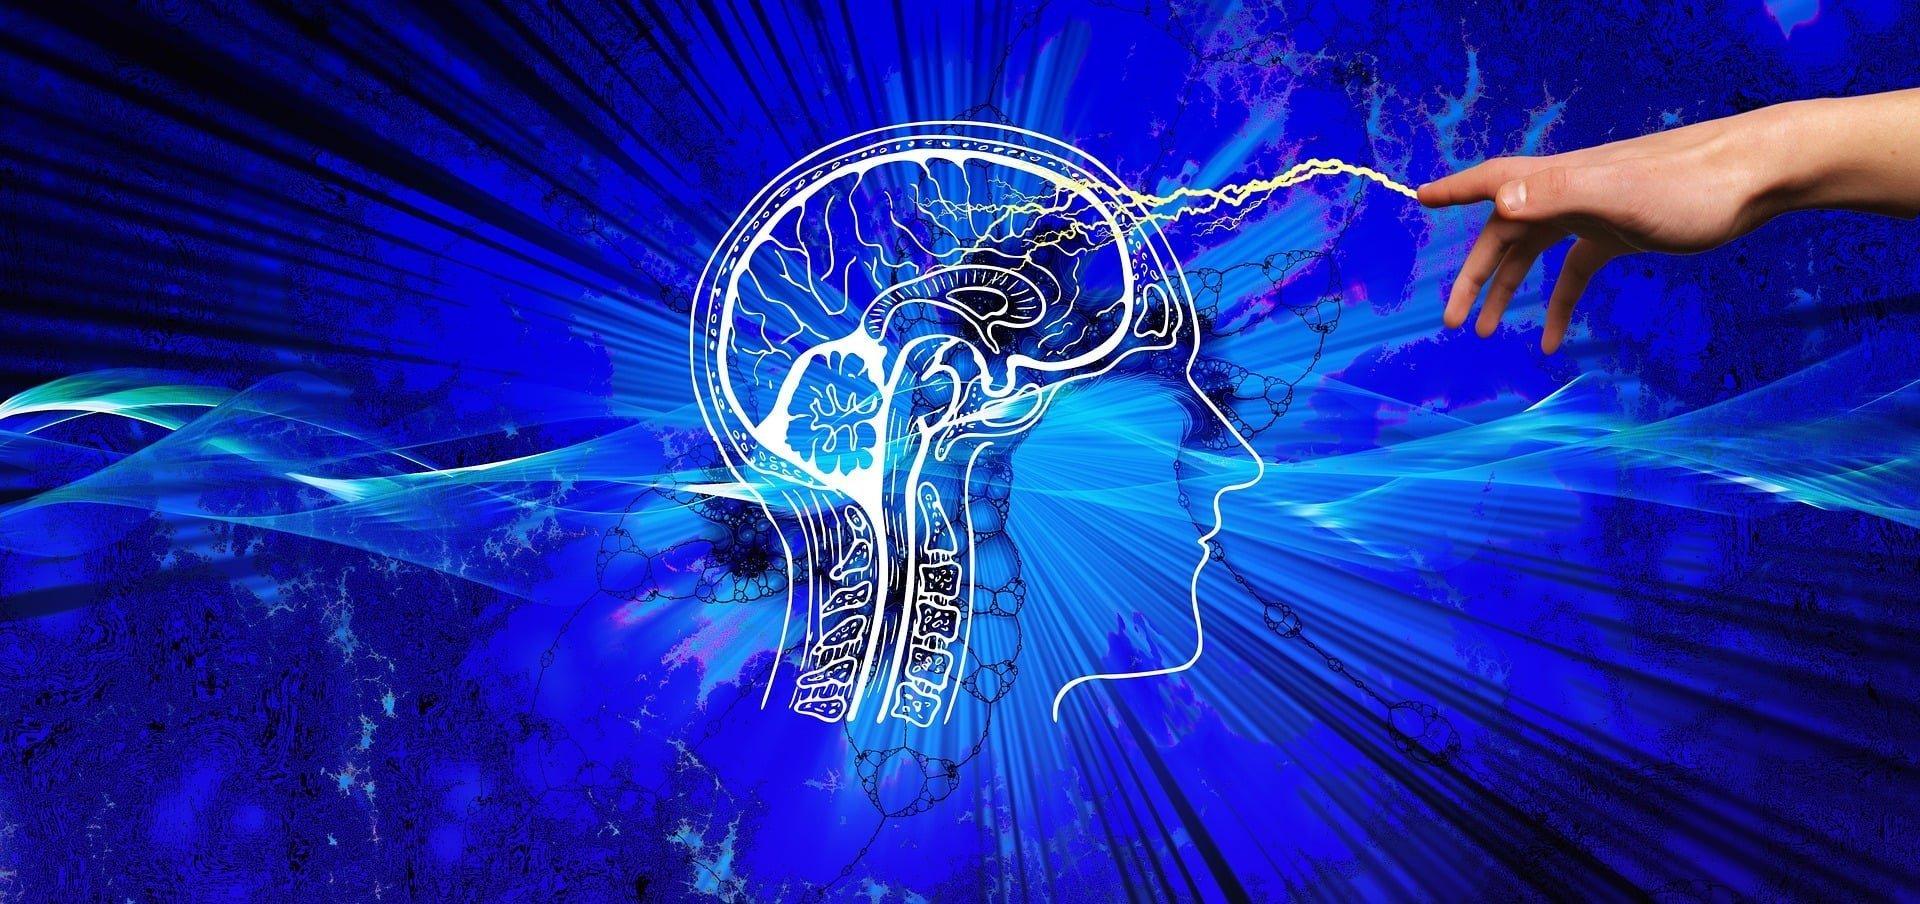 Im Inneren des Gehirns wirkt der Hypothalamus mittels Hormonen wie Leptin und Insulin als Schaltzentrale für Gewichtszunahme